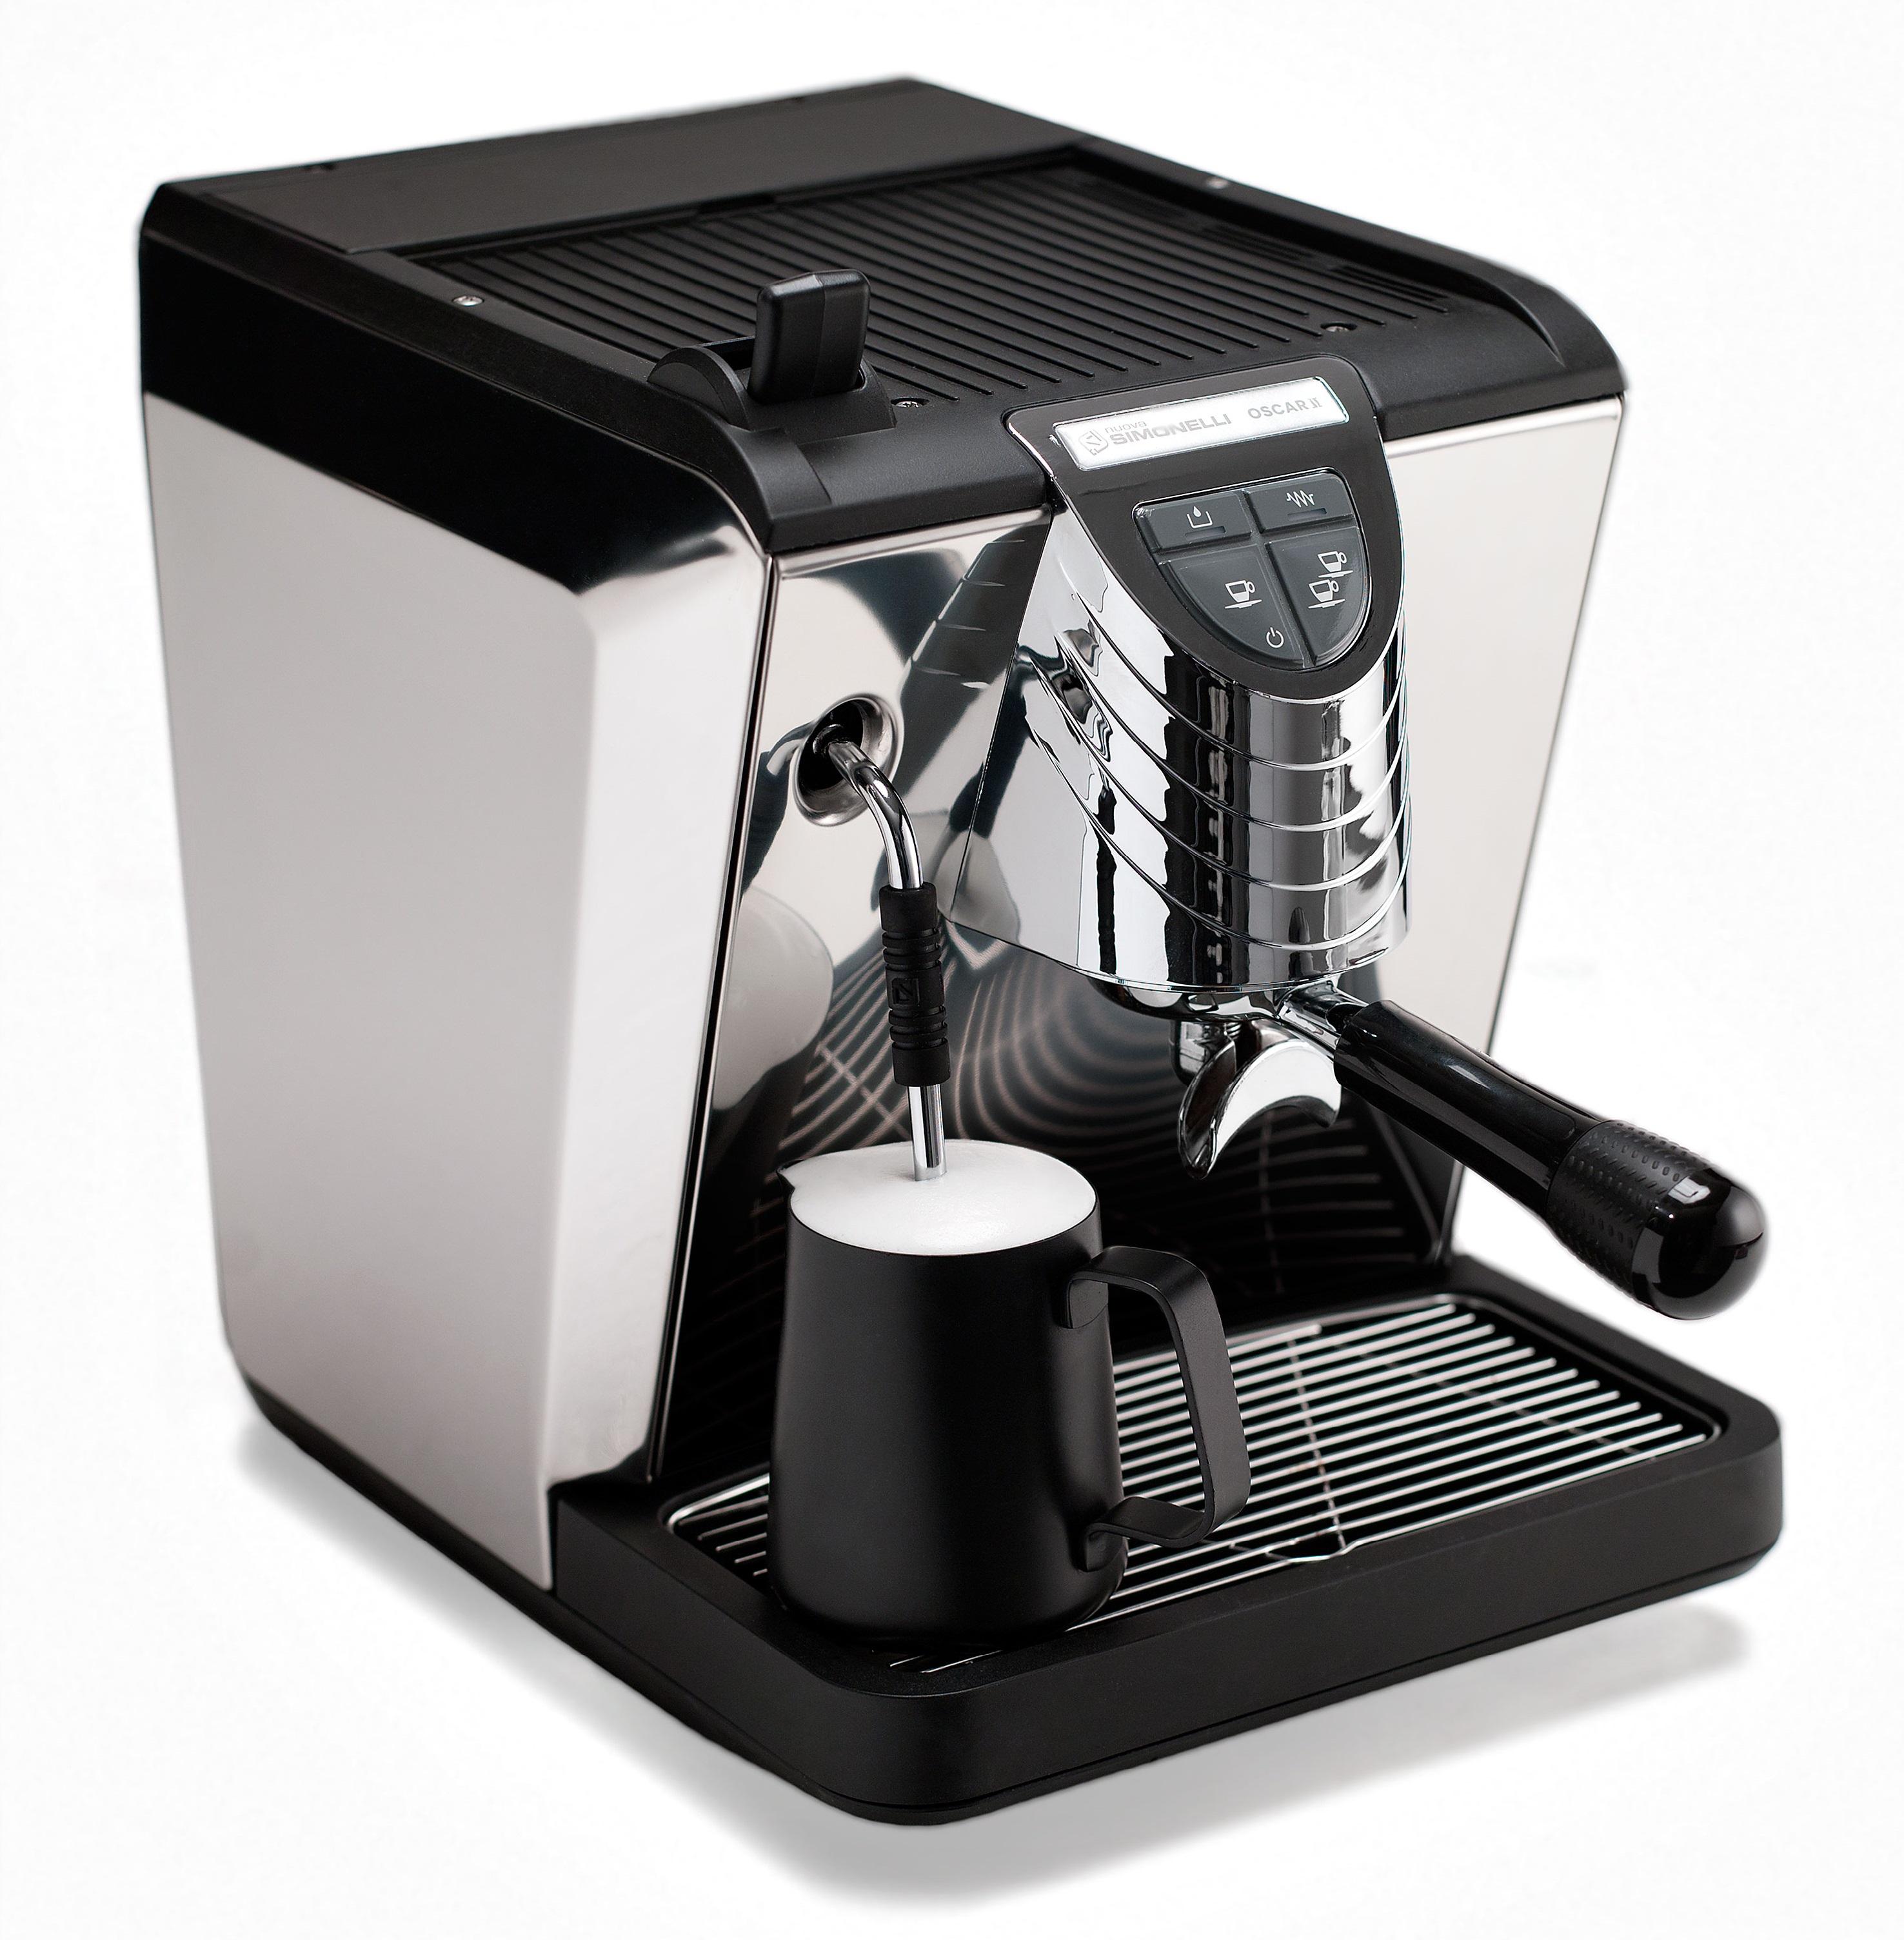 เครื่องชงกาแฟ SIMONELLI รุ่น OSCAR 2